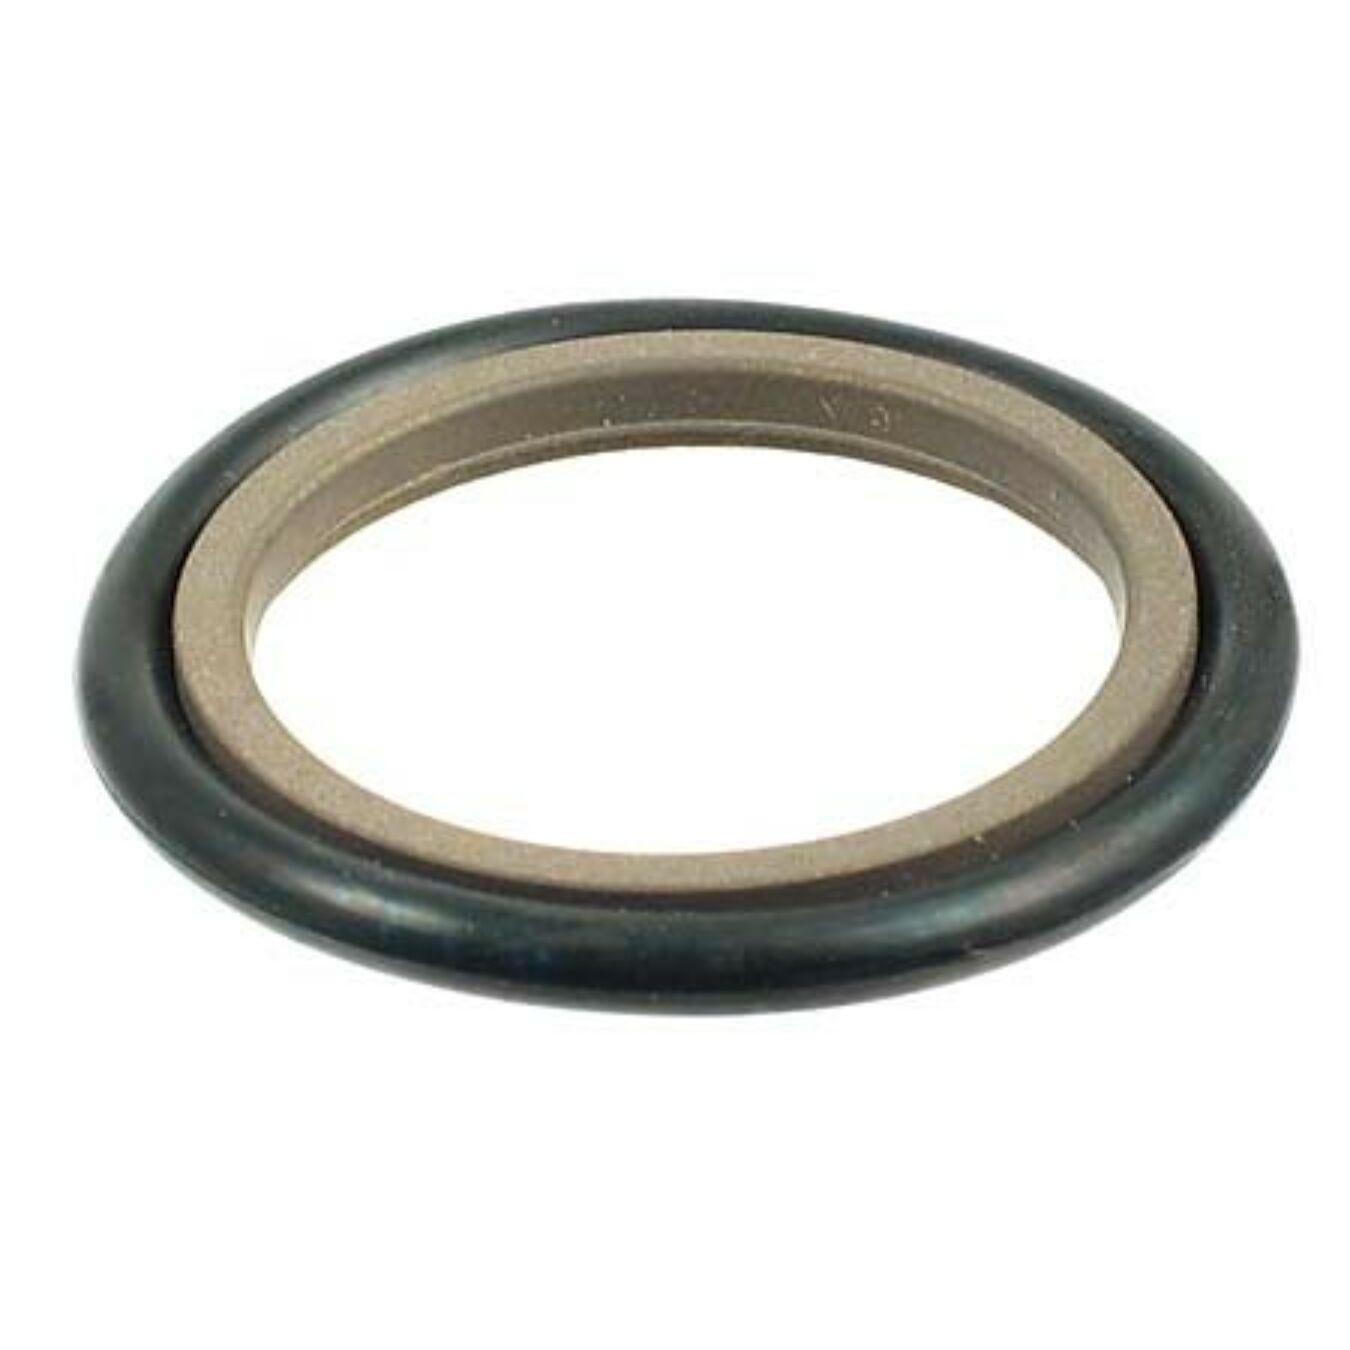 Tömítő gyűrű - kívül gumis (olló)